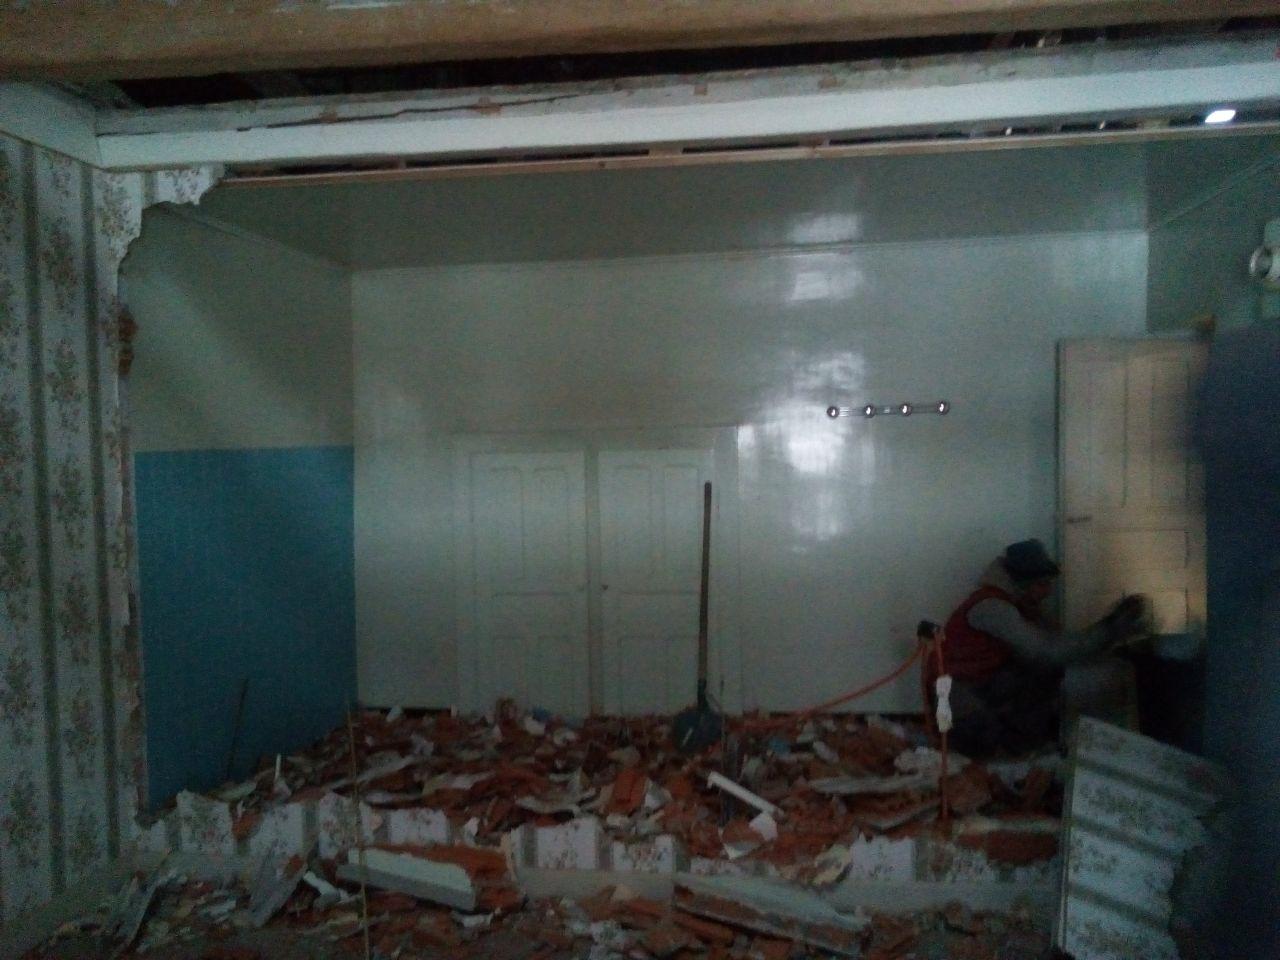 démolition ensuite de l'ancienne salle de bain et dernière cloison dans la maison...